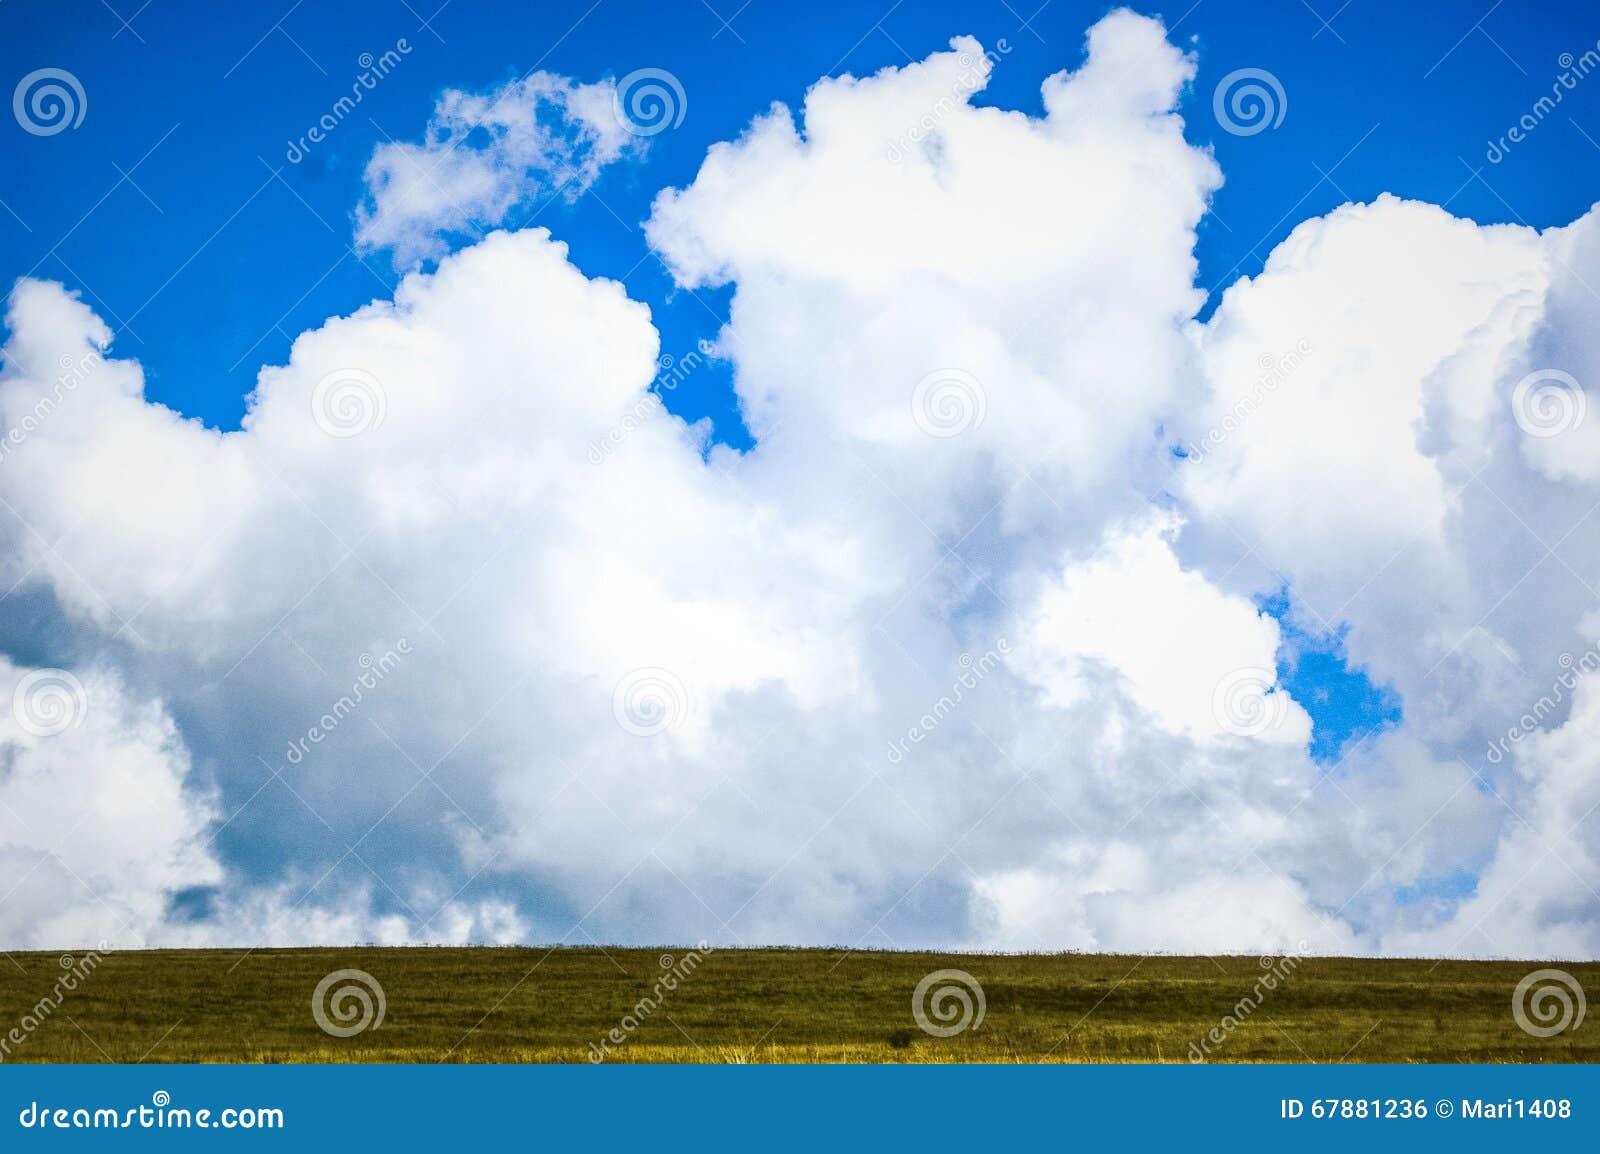 Μεγάλοι σύννεφα και τομέας